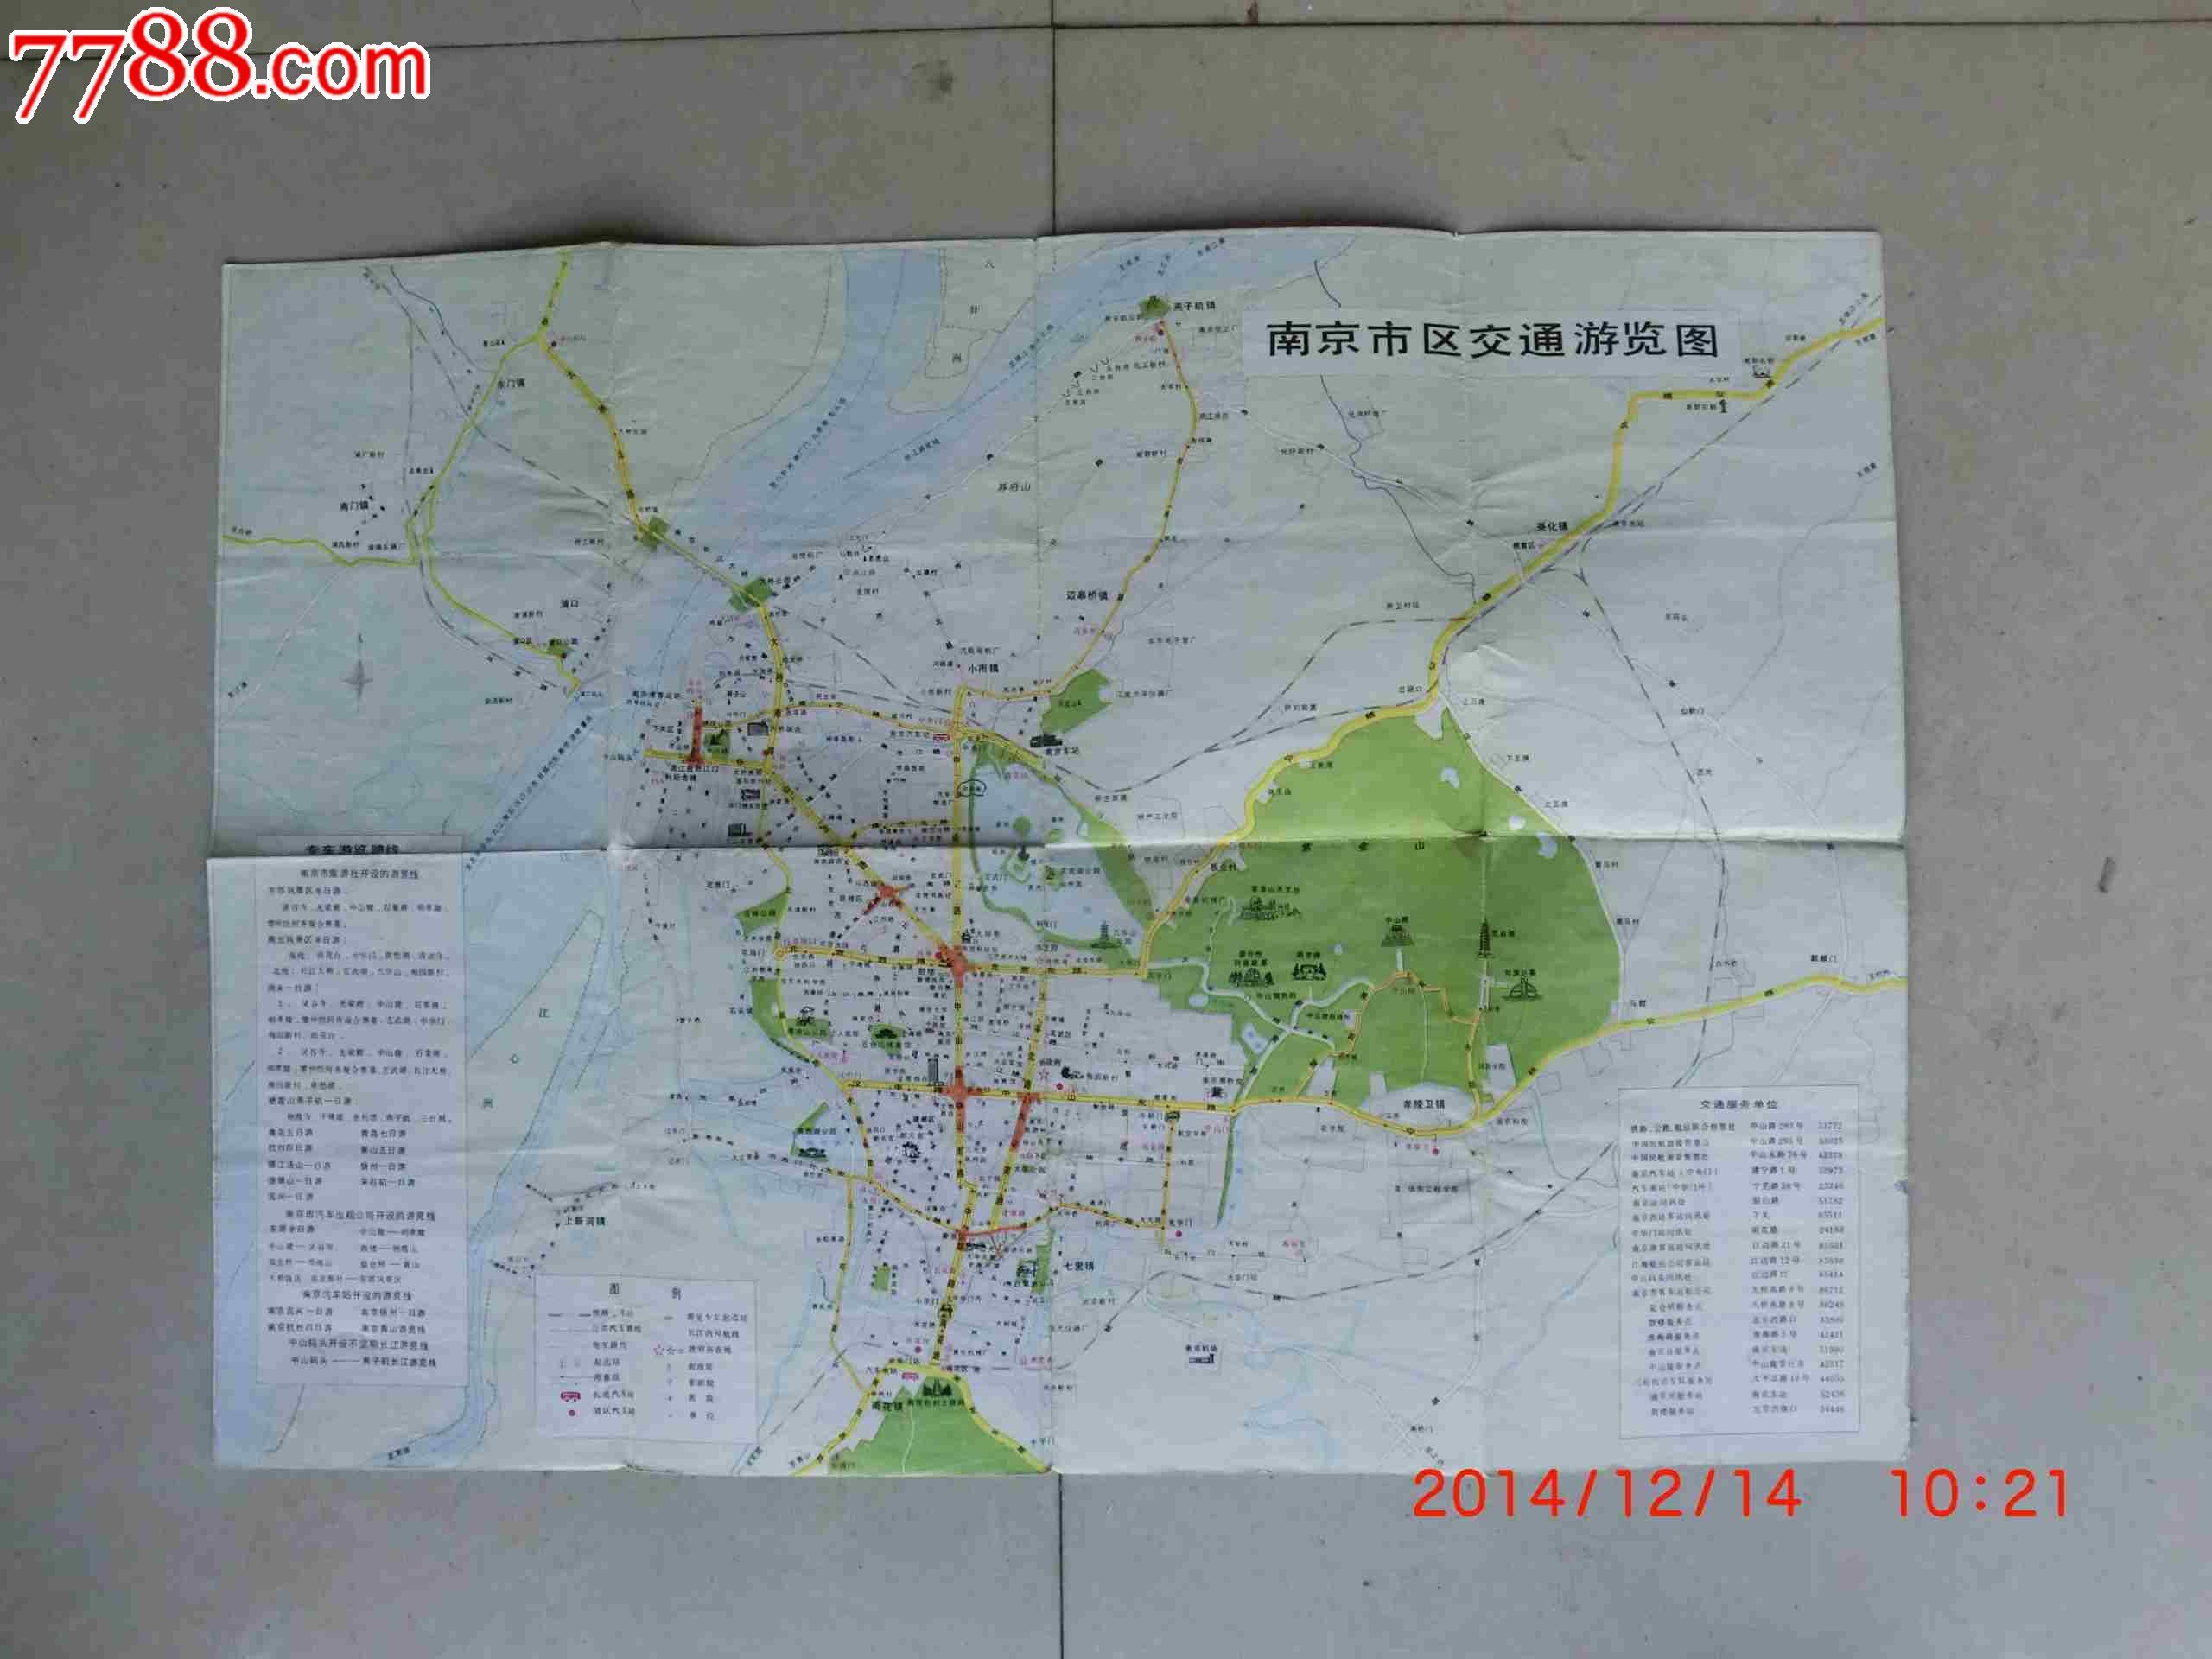 南京交通旅游地图,老地图